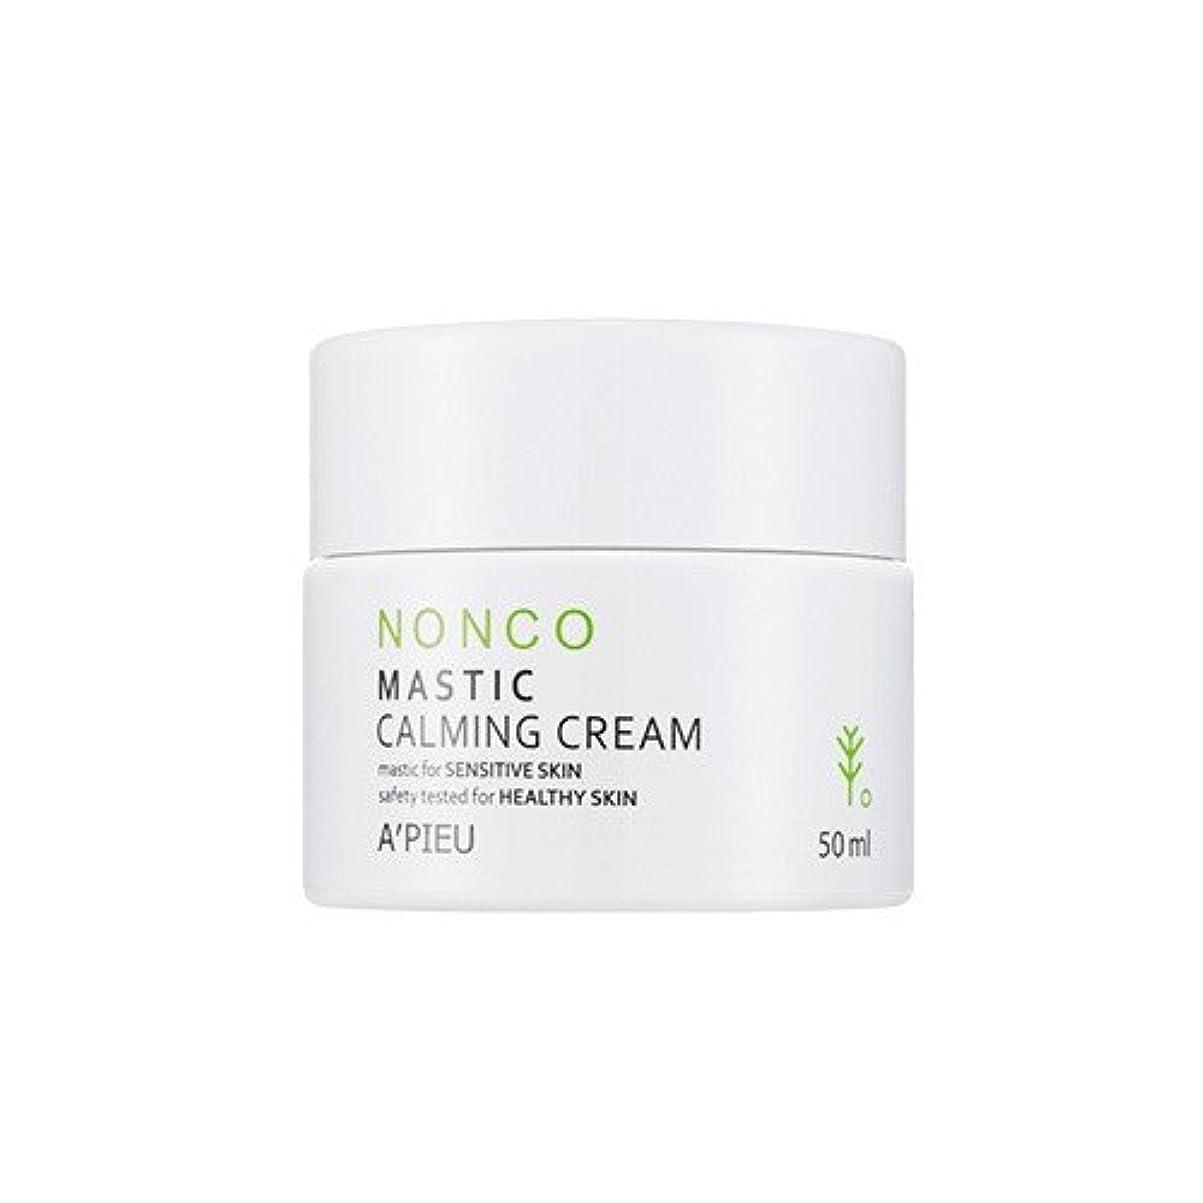 ハーブ事アクセルアピュ[APIEU] Nanco Mastic Calming Cream Nancoマスチックカーミングクリーム